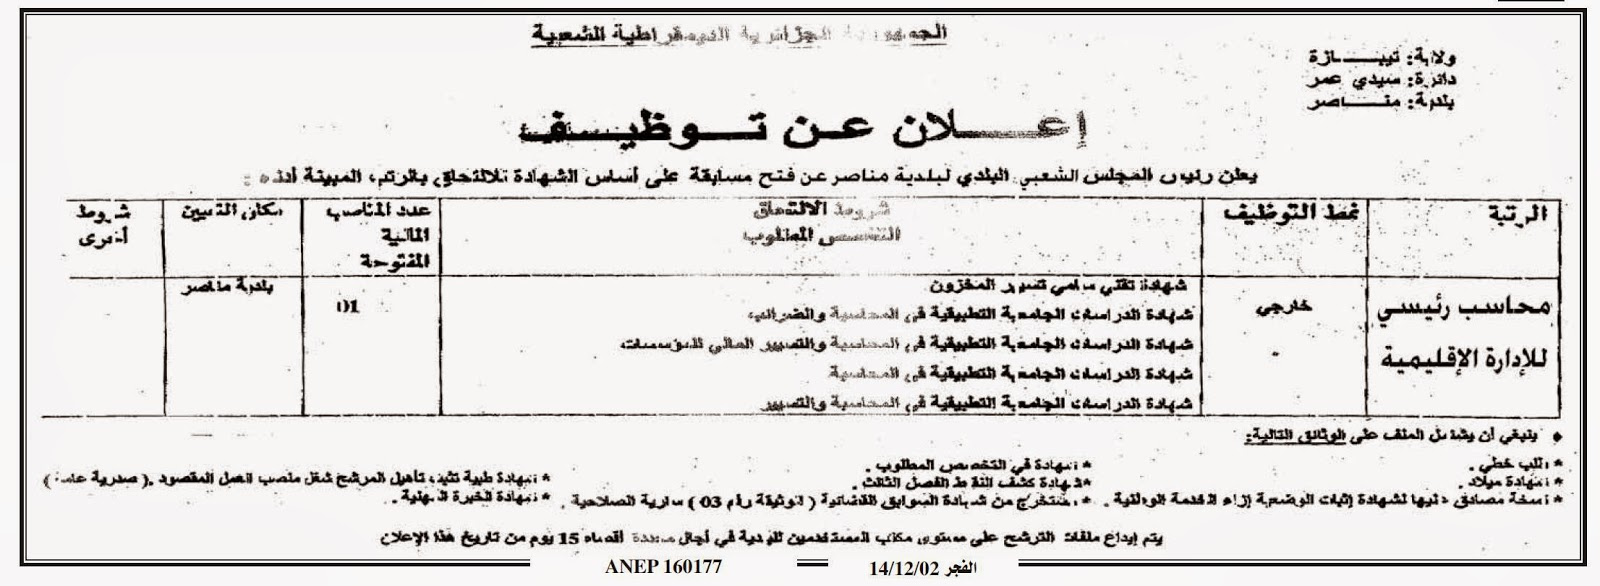 لإعلان توظيف بلدية مناصر ولاية تيبازة